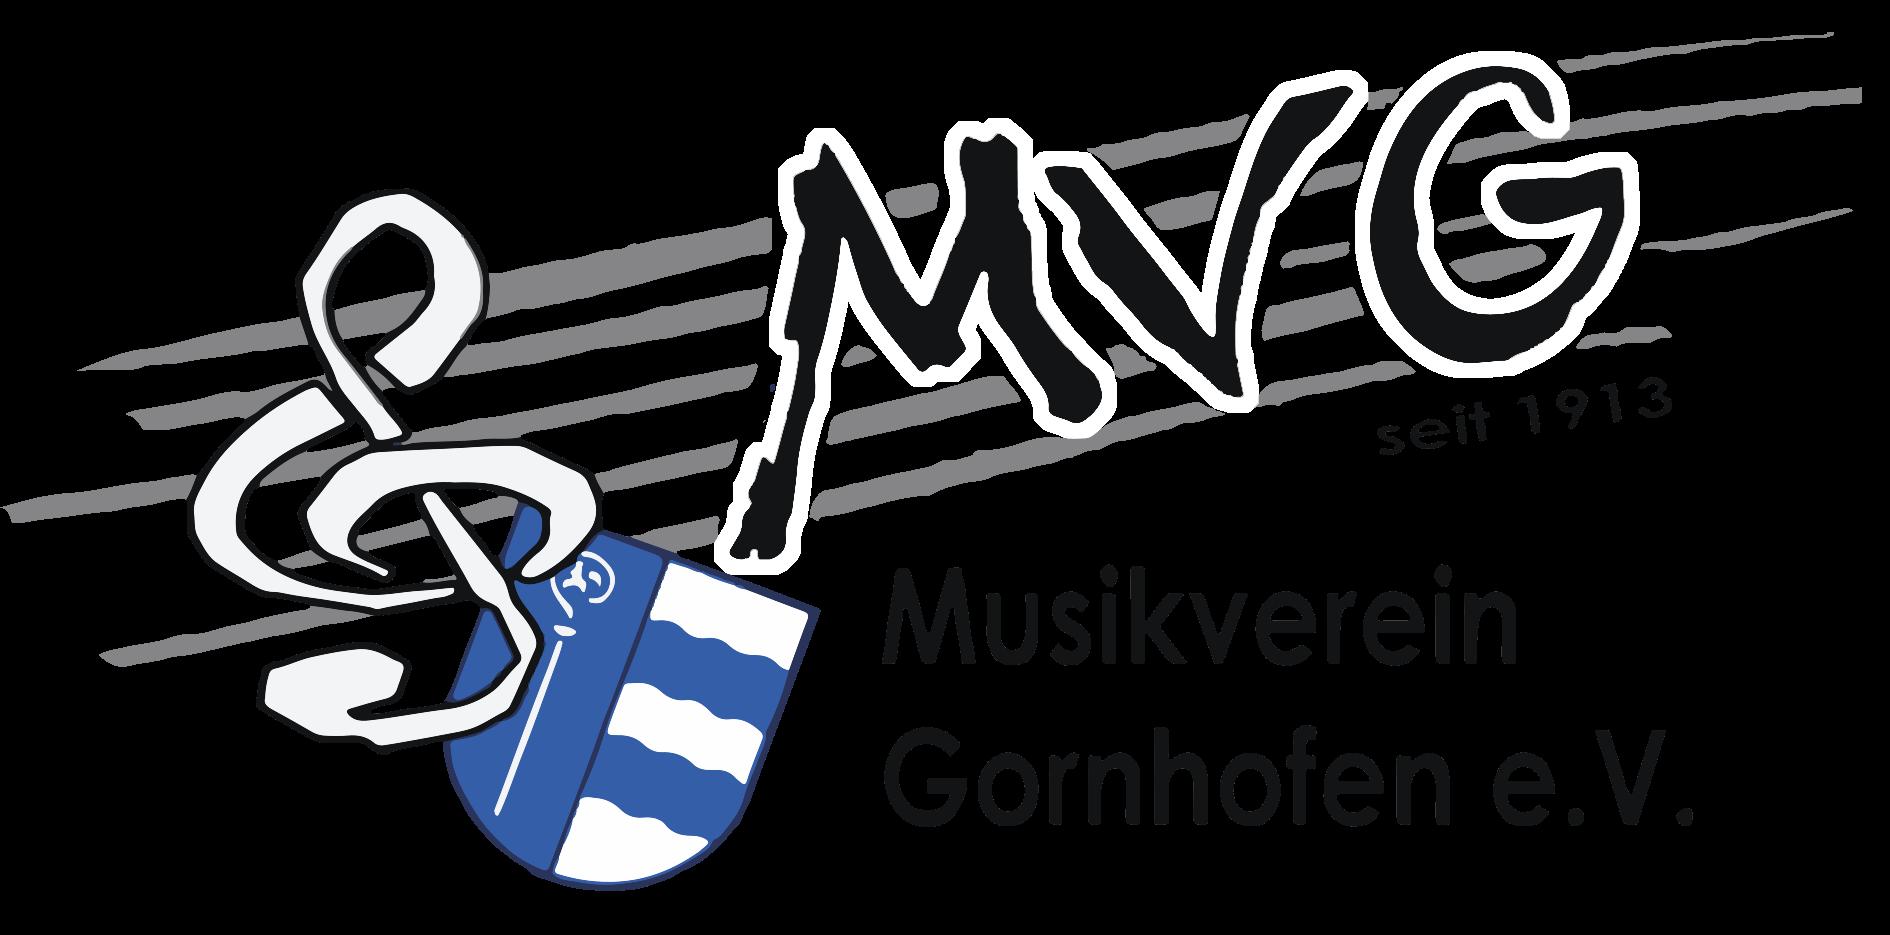 Musikverein Gornhofen e.V.